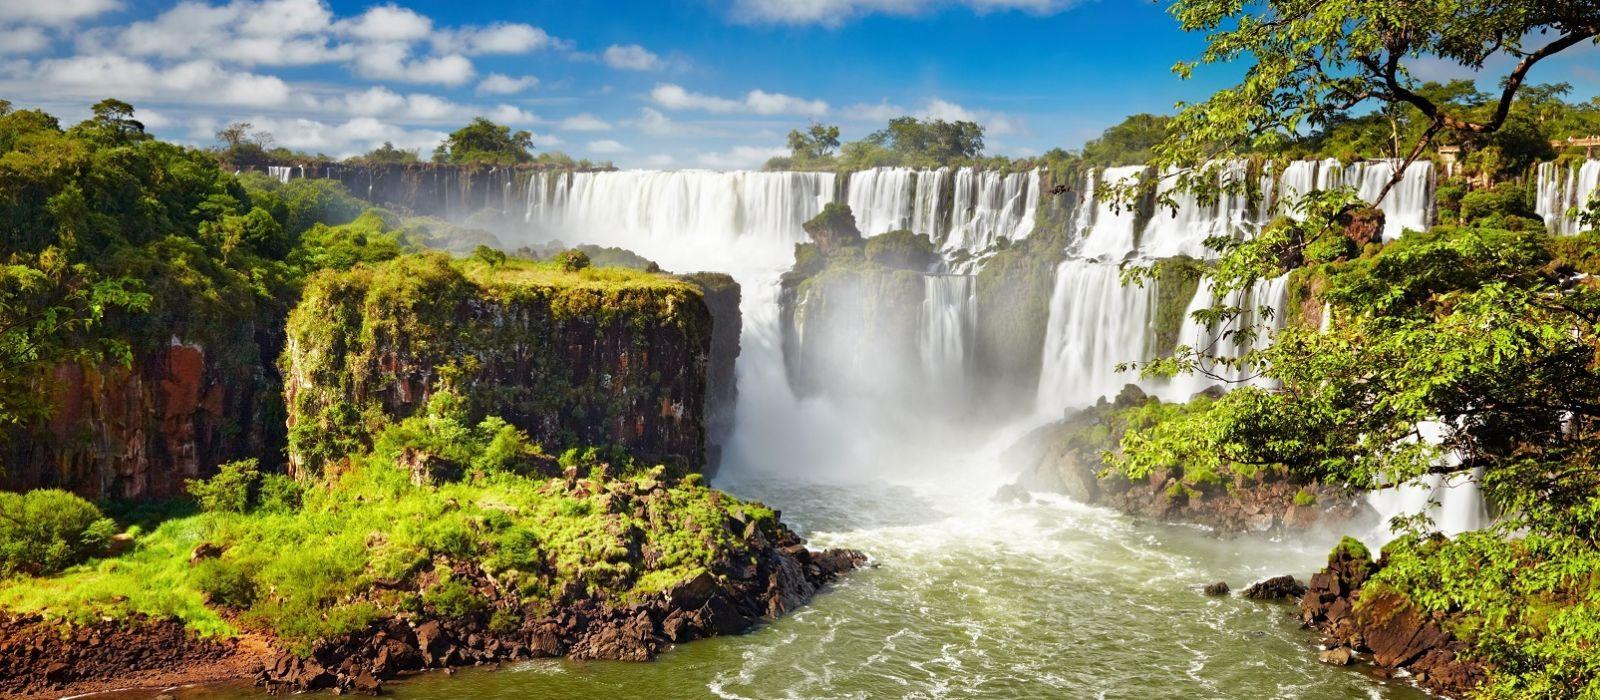 Argentinien Rundreise – Höhepunkte neu entdeckt Urlaub 7